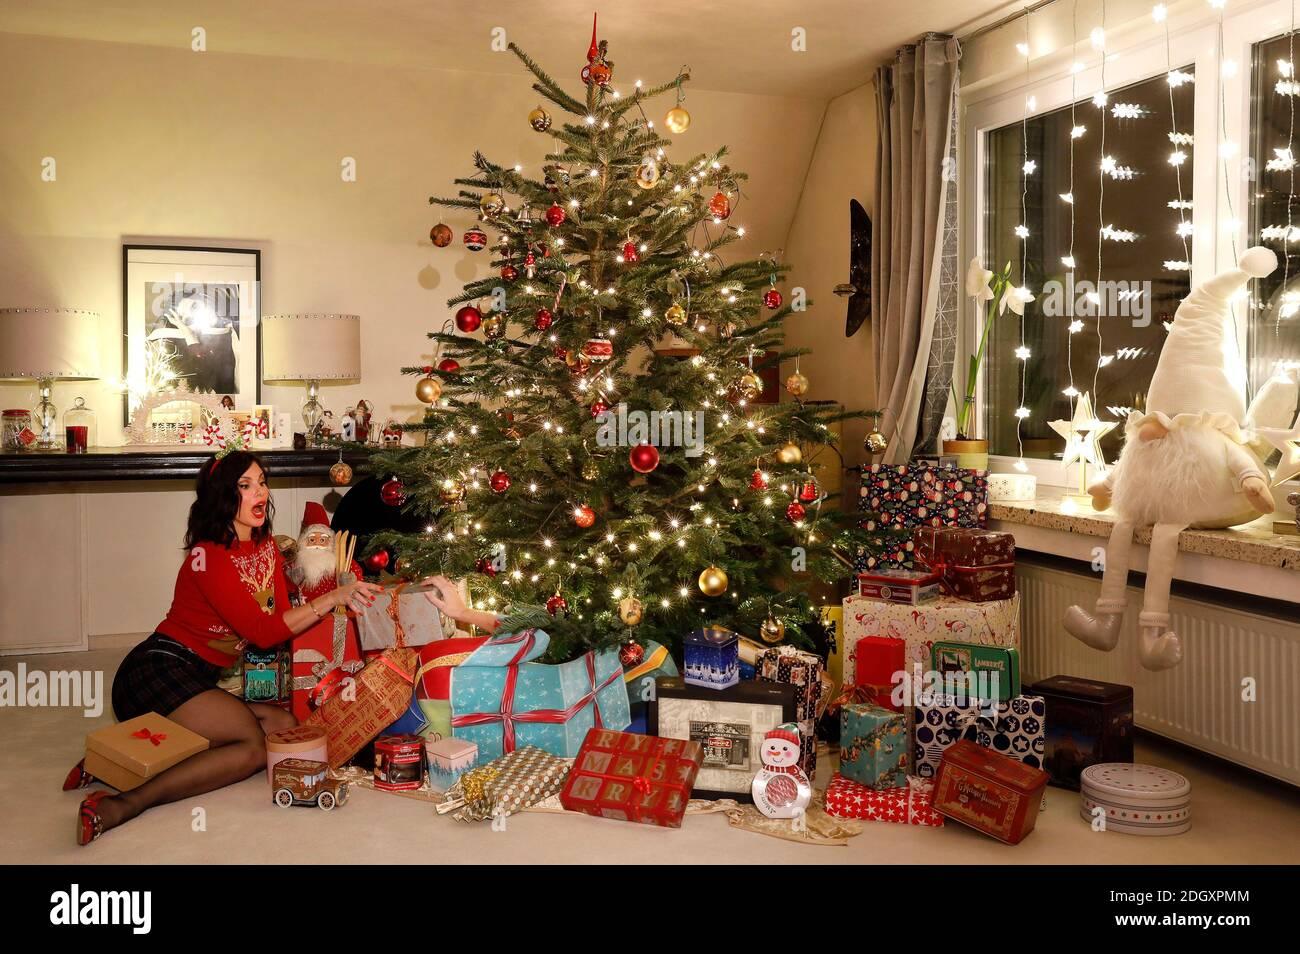 L'heure de l'arrivée avec Dany Michalski. Exclusivité de phototournage avec Dany Michalski et modèle Katey comme un paquet de Noël de bodypainbeck le 6 décembre 2020 - artiste de Bodypainting: Jörg Düsterwald Banque D'Images